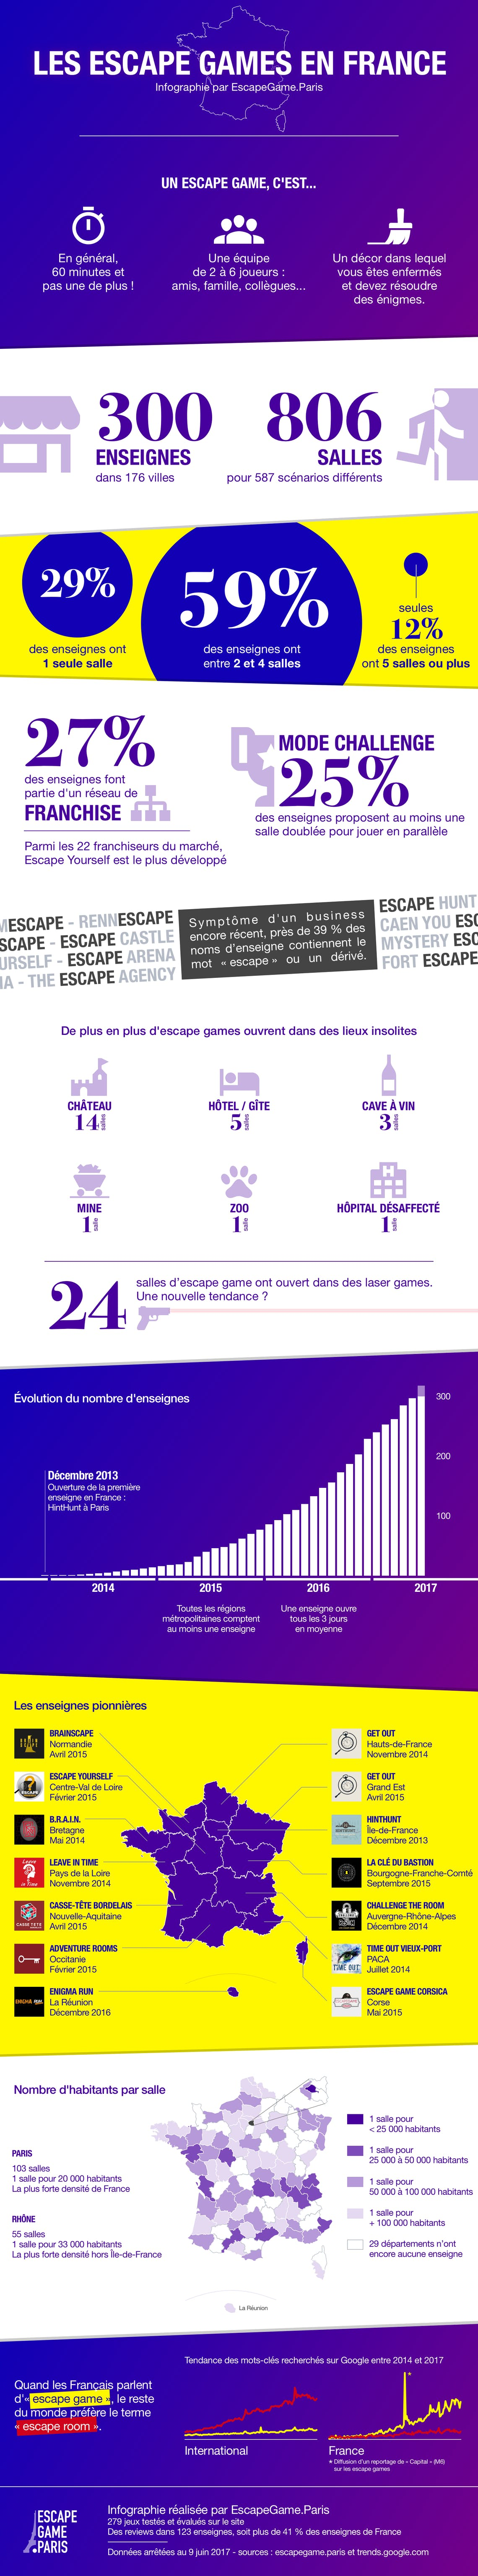 Infographie Escape Game France: Statistiques, Nombre d'enseignes, Densité par département